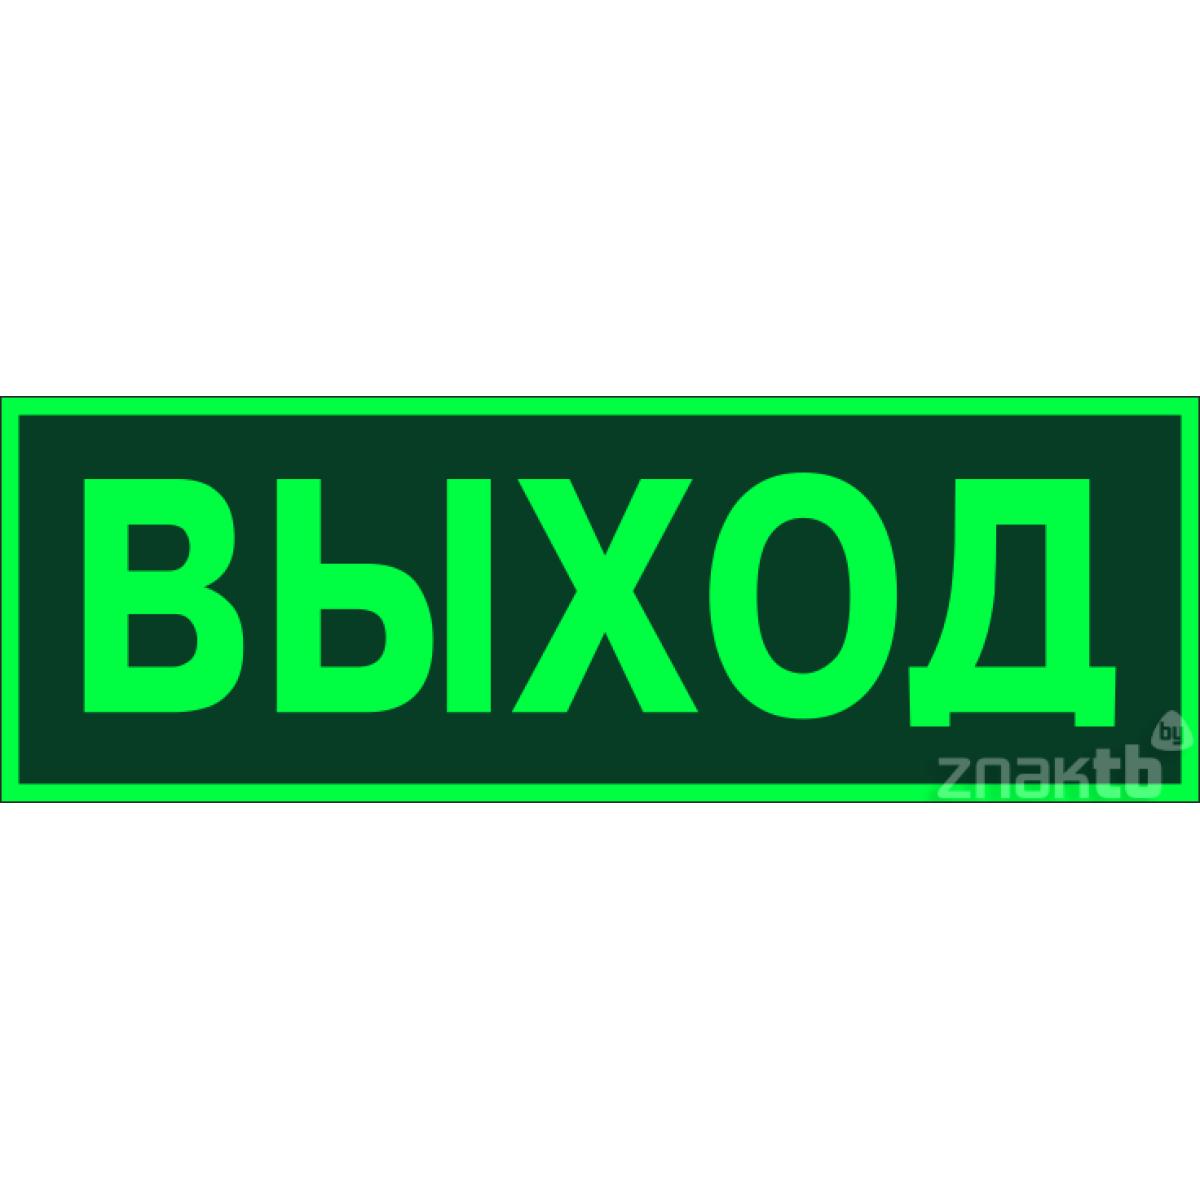 036 Знак Эвакуационный(запасный) выход фотолюм. код Е22